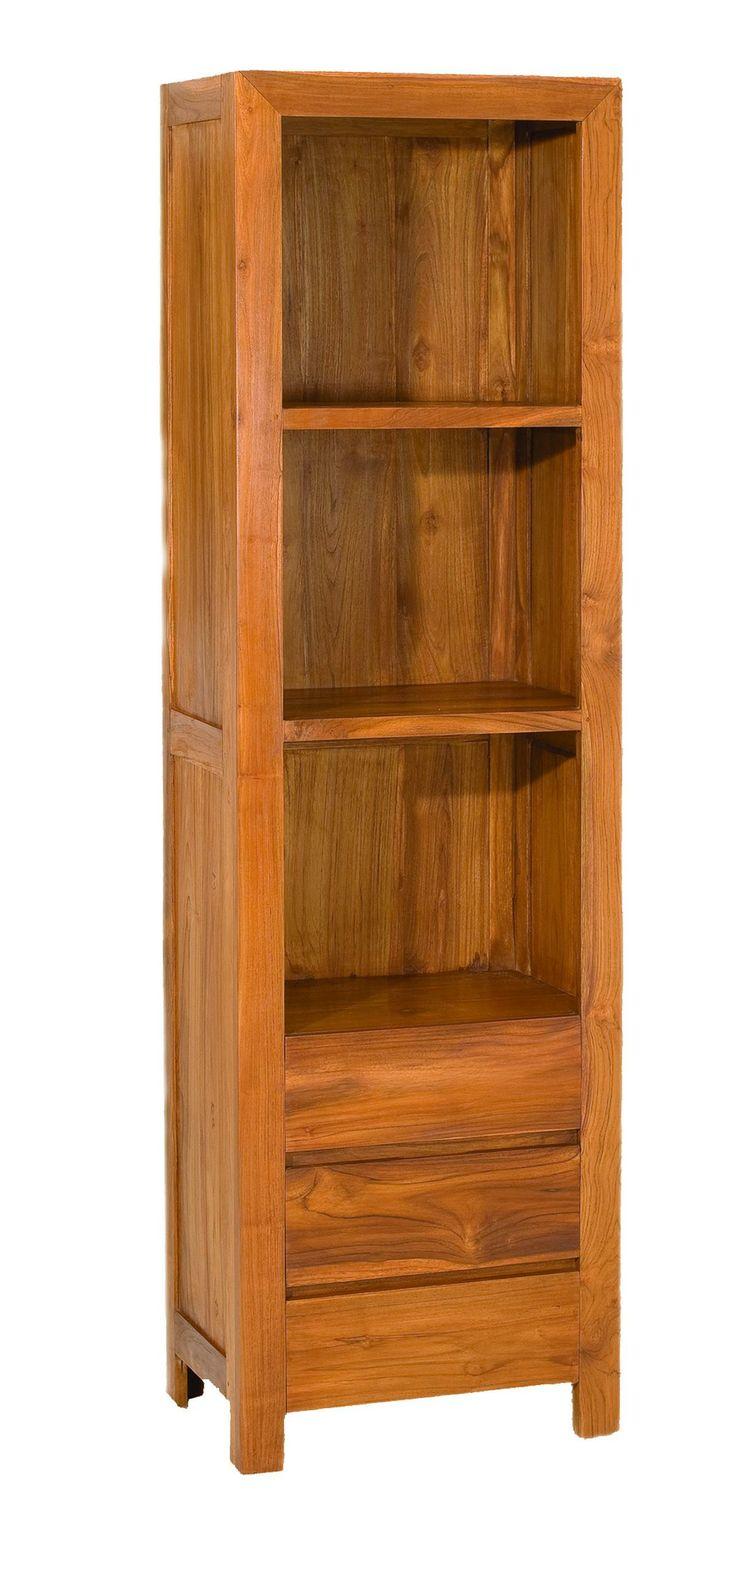 Bibliothèque Avec 3 Cases Et 3 Tiroirs En Teck Massif 54.7x38x190.5cm SANUR